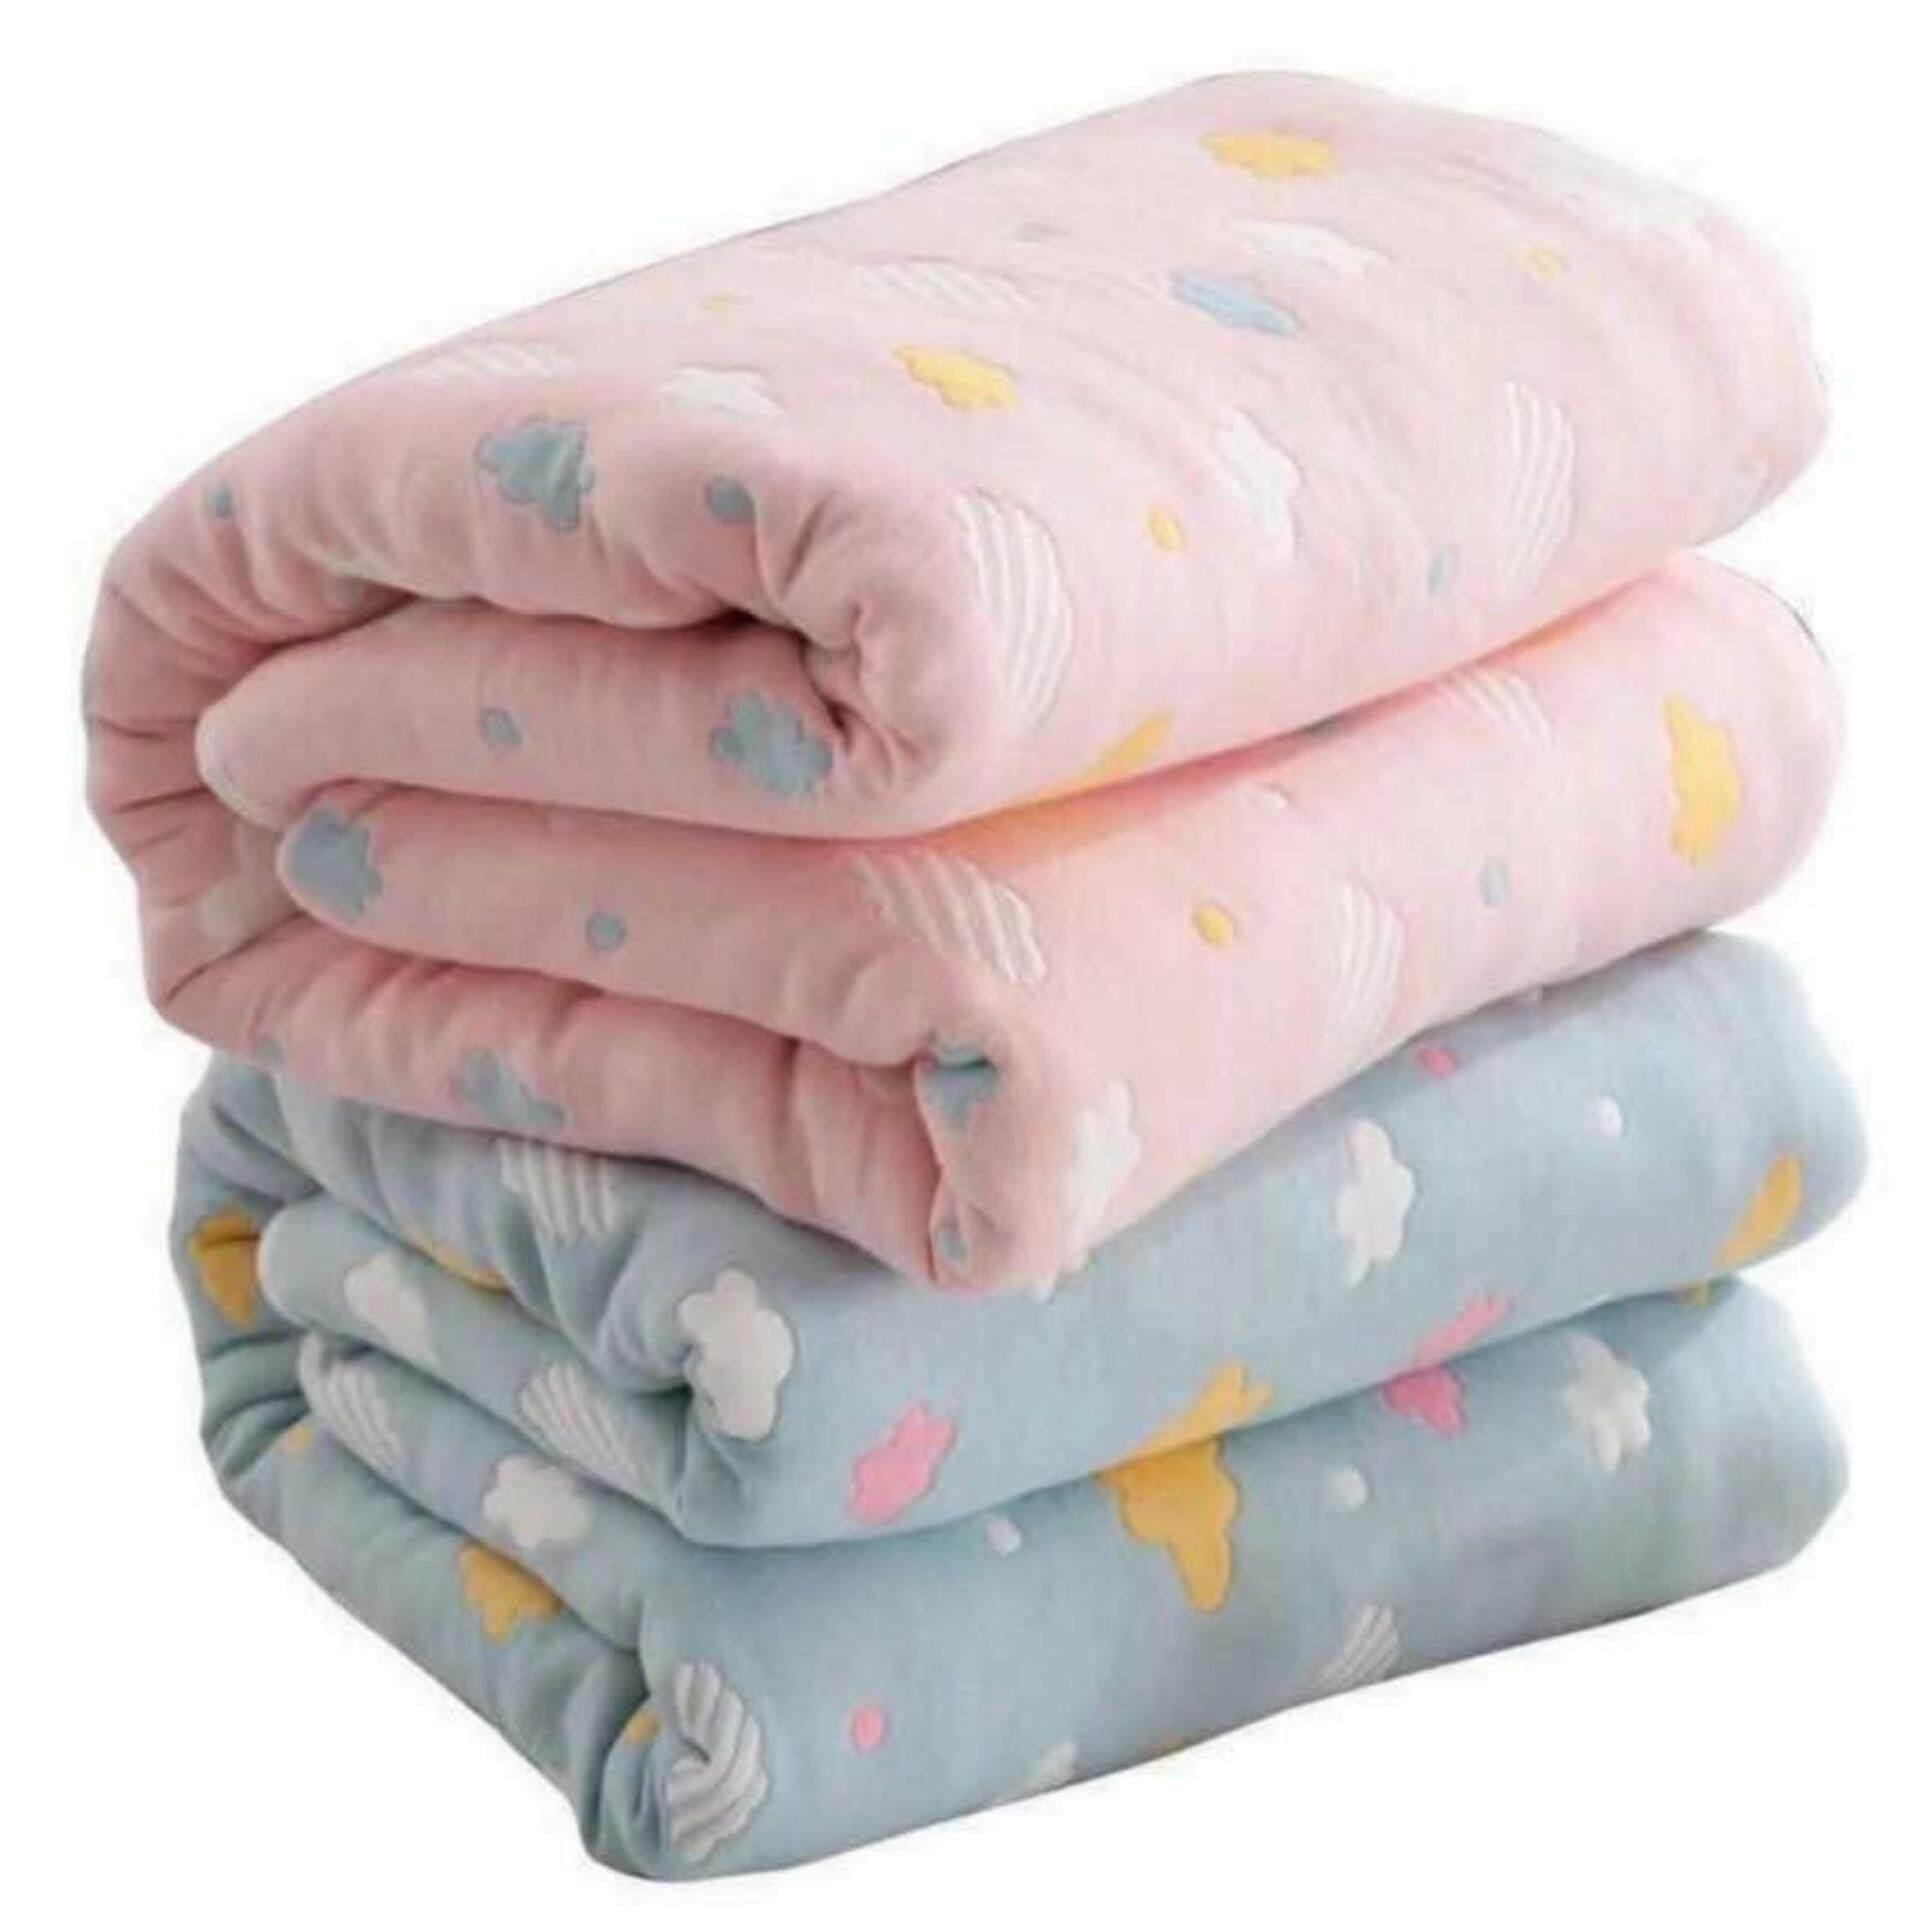 ผ้าห่มผ้าฝ้ายญี่ปุ่น สำหรับเด็กทอลายทั้งผืน.